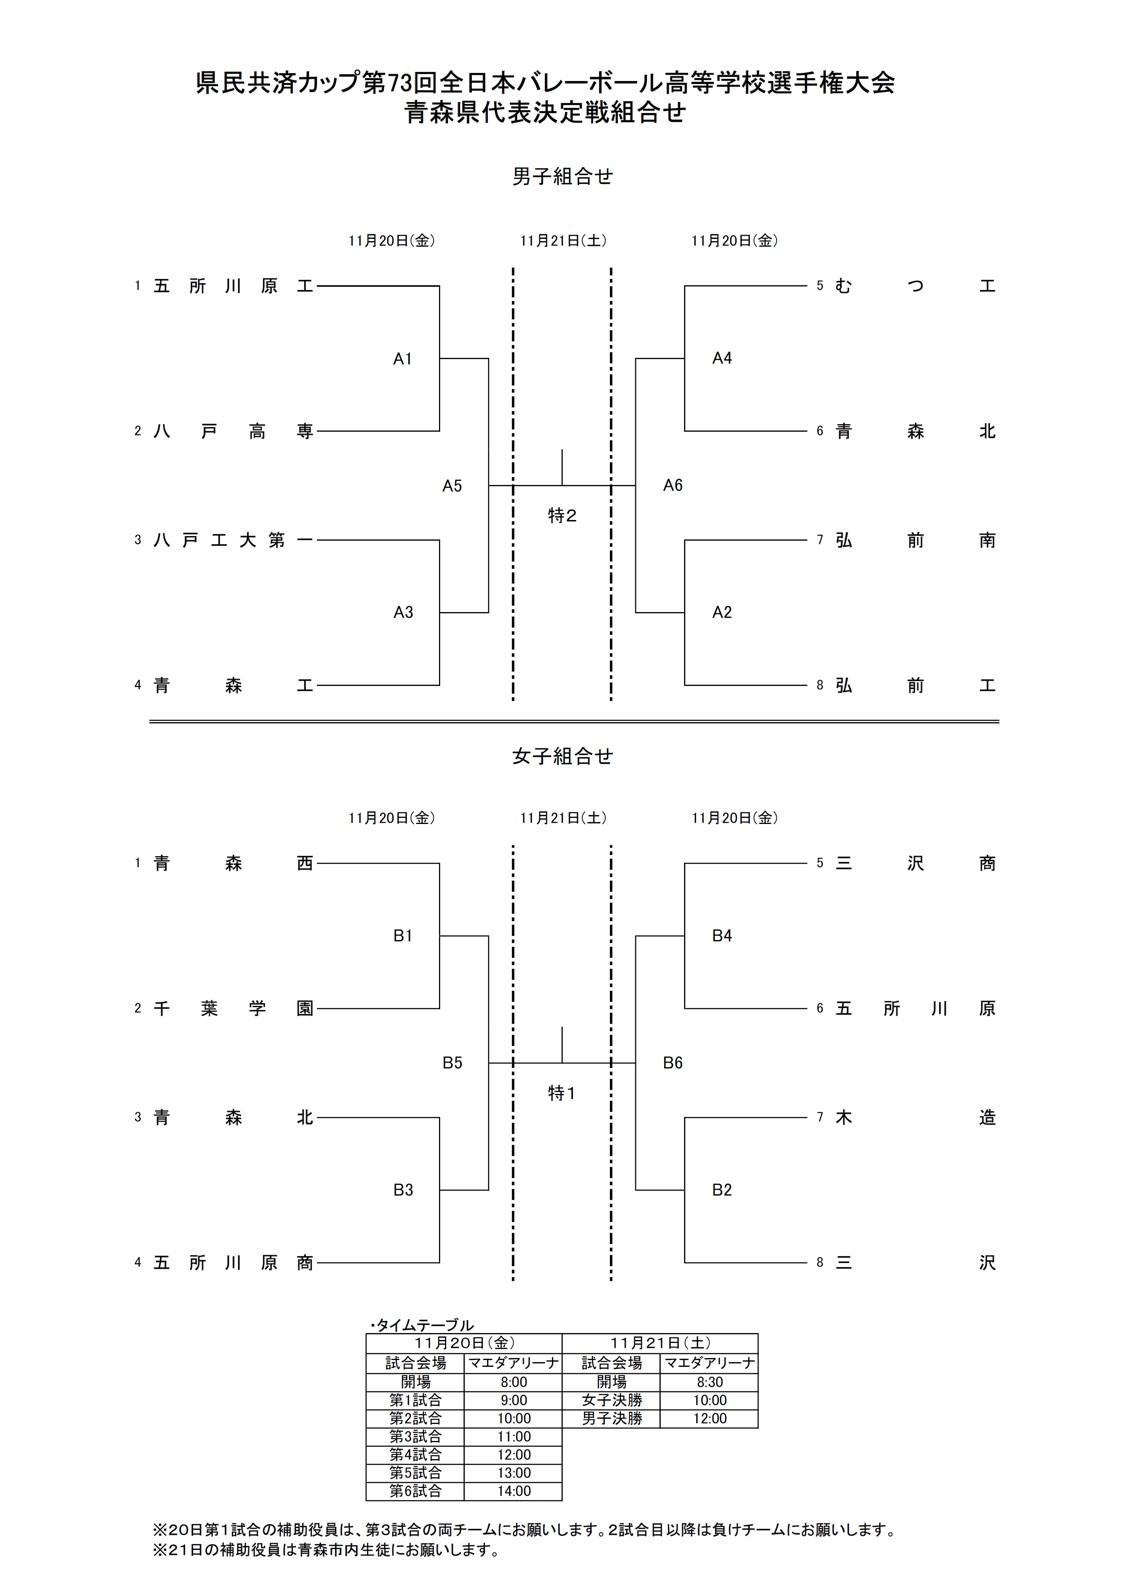 2020年度_全日本高校選手権_青森予選_男女_組合せ